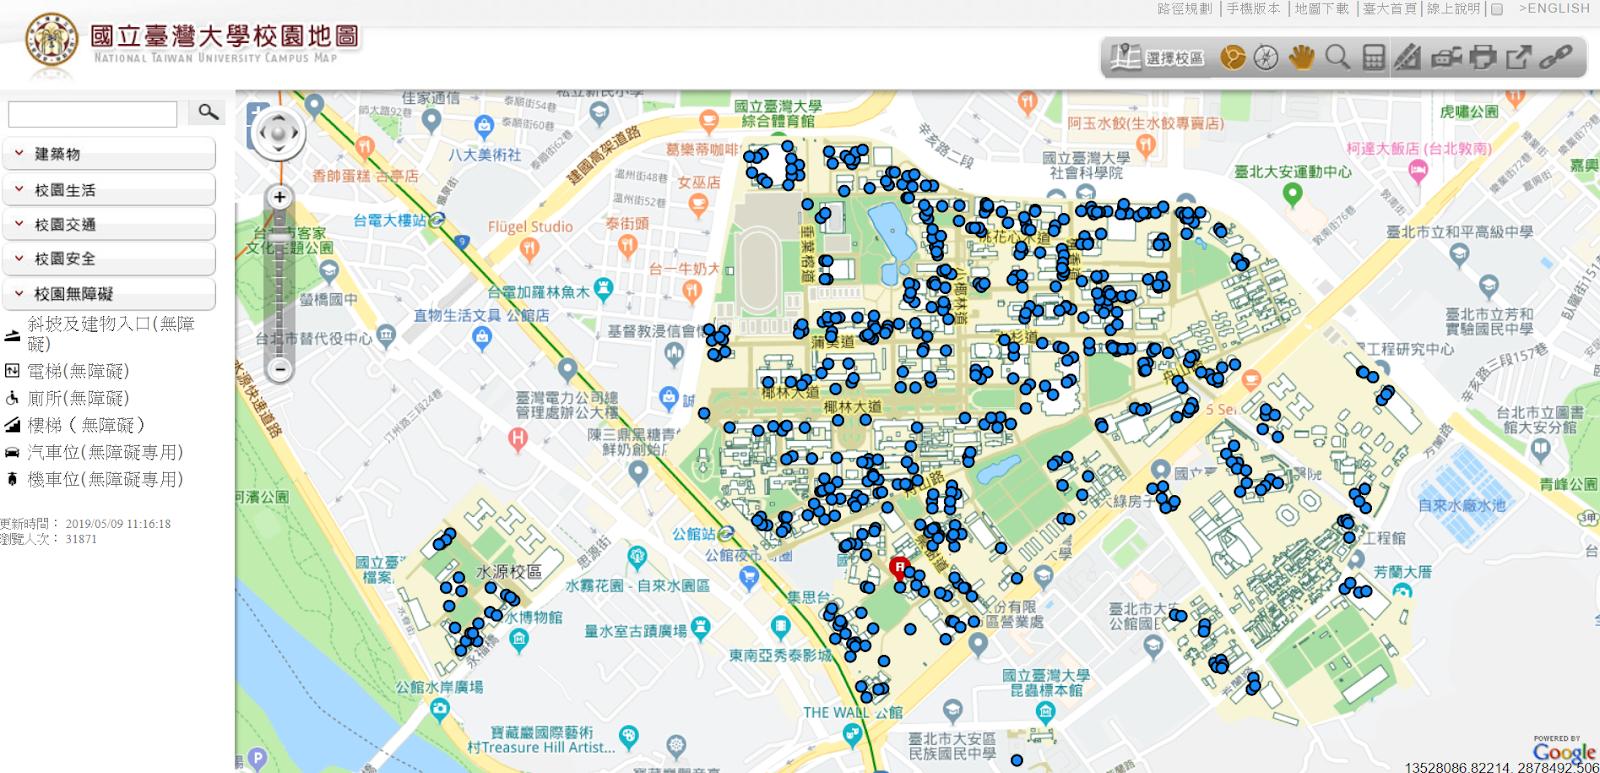 台大的互動式地圖。